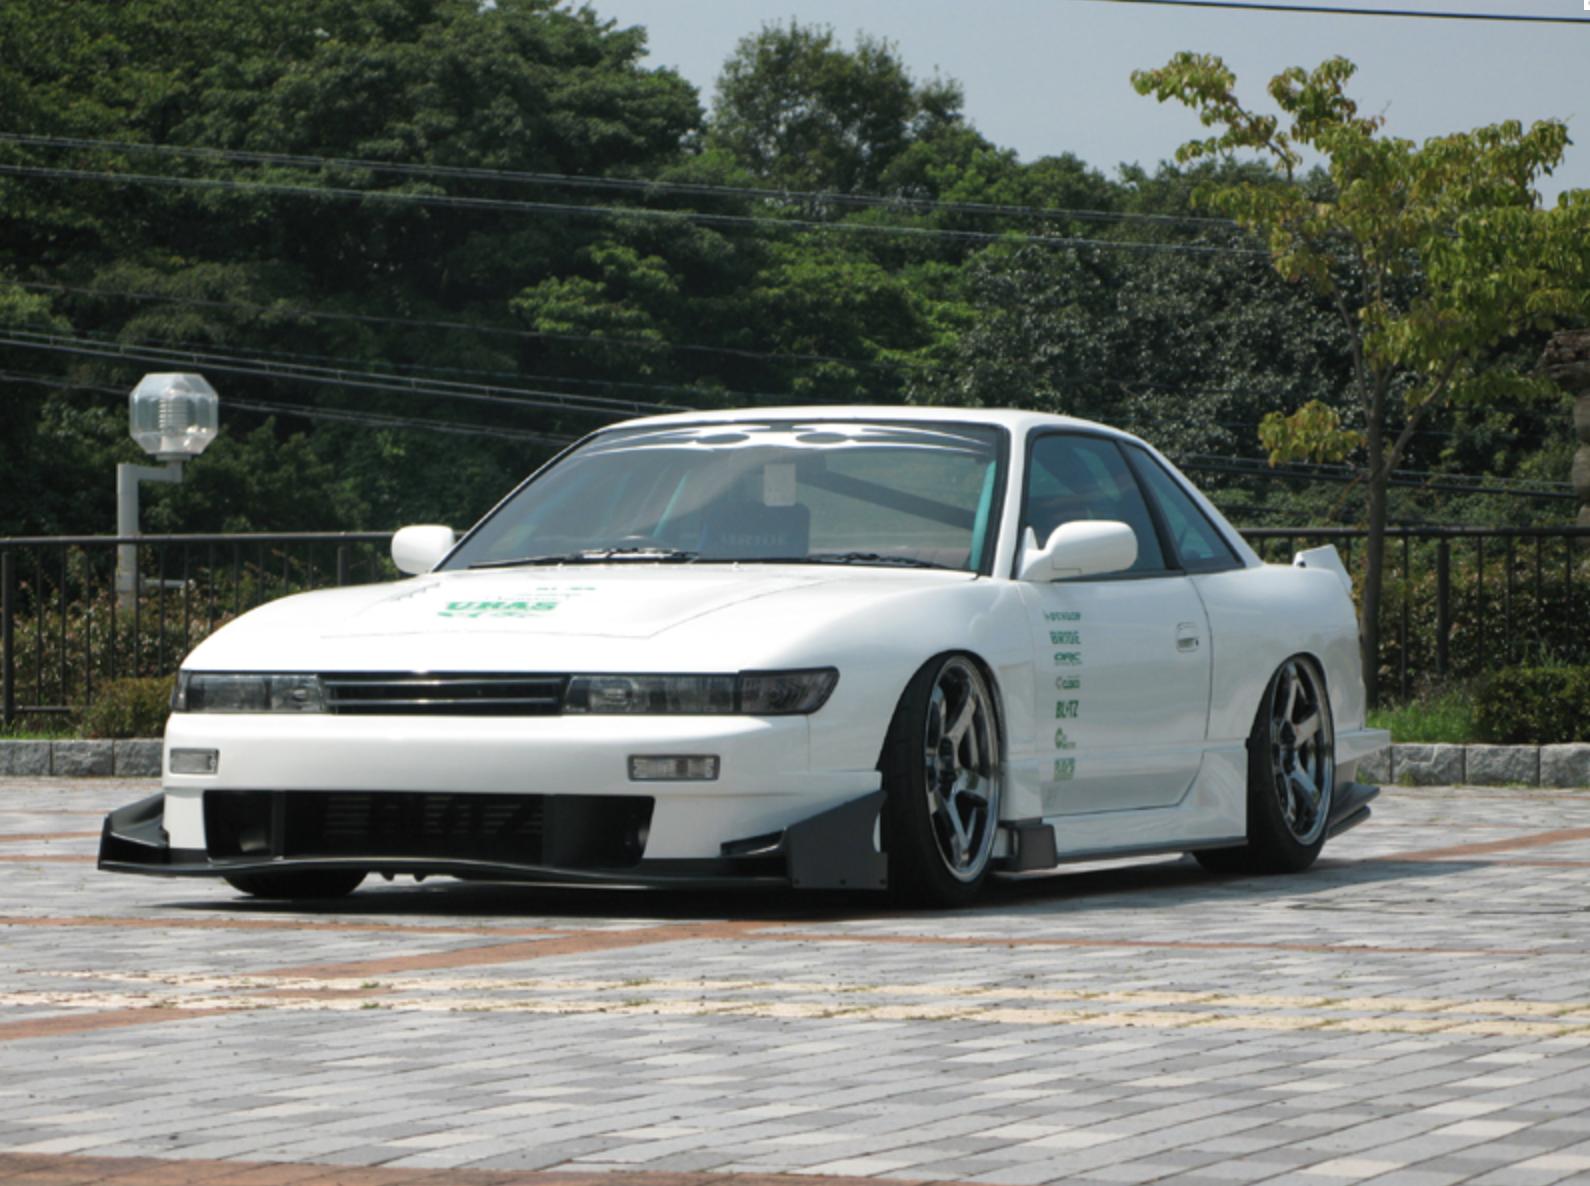 Uras Type Gt Nissan Silvia S13 Nengun Performance